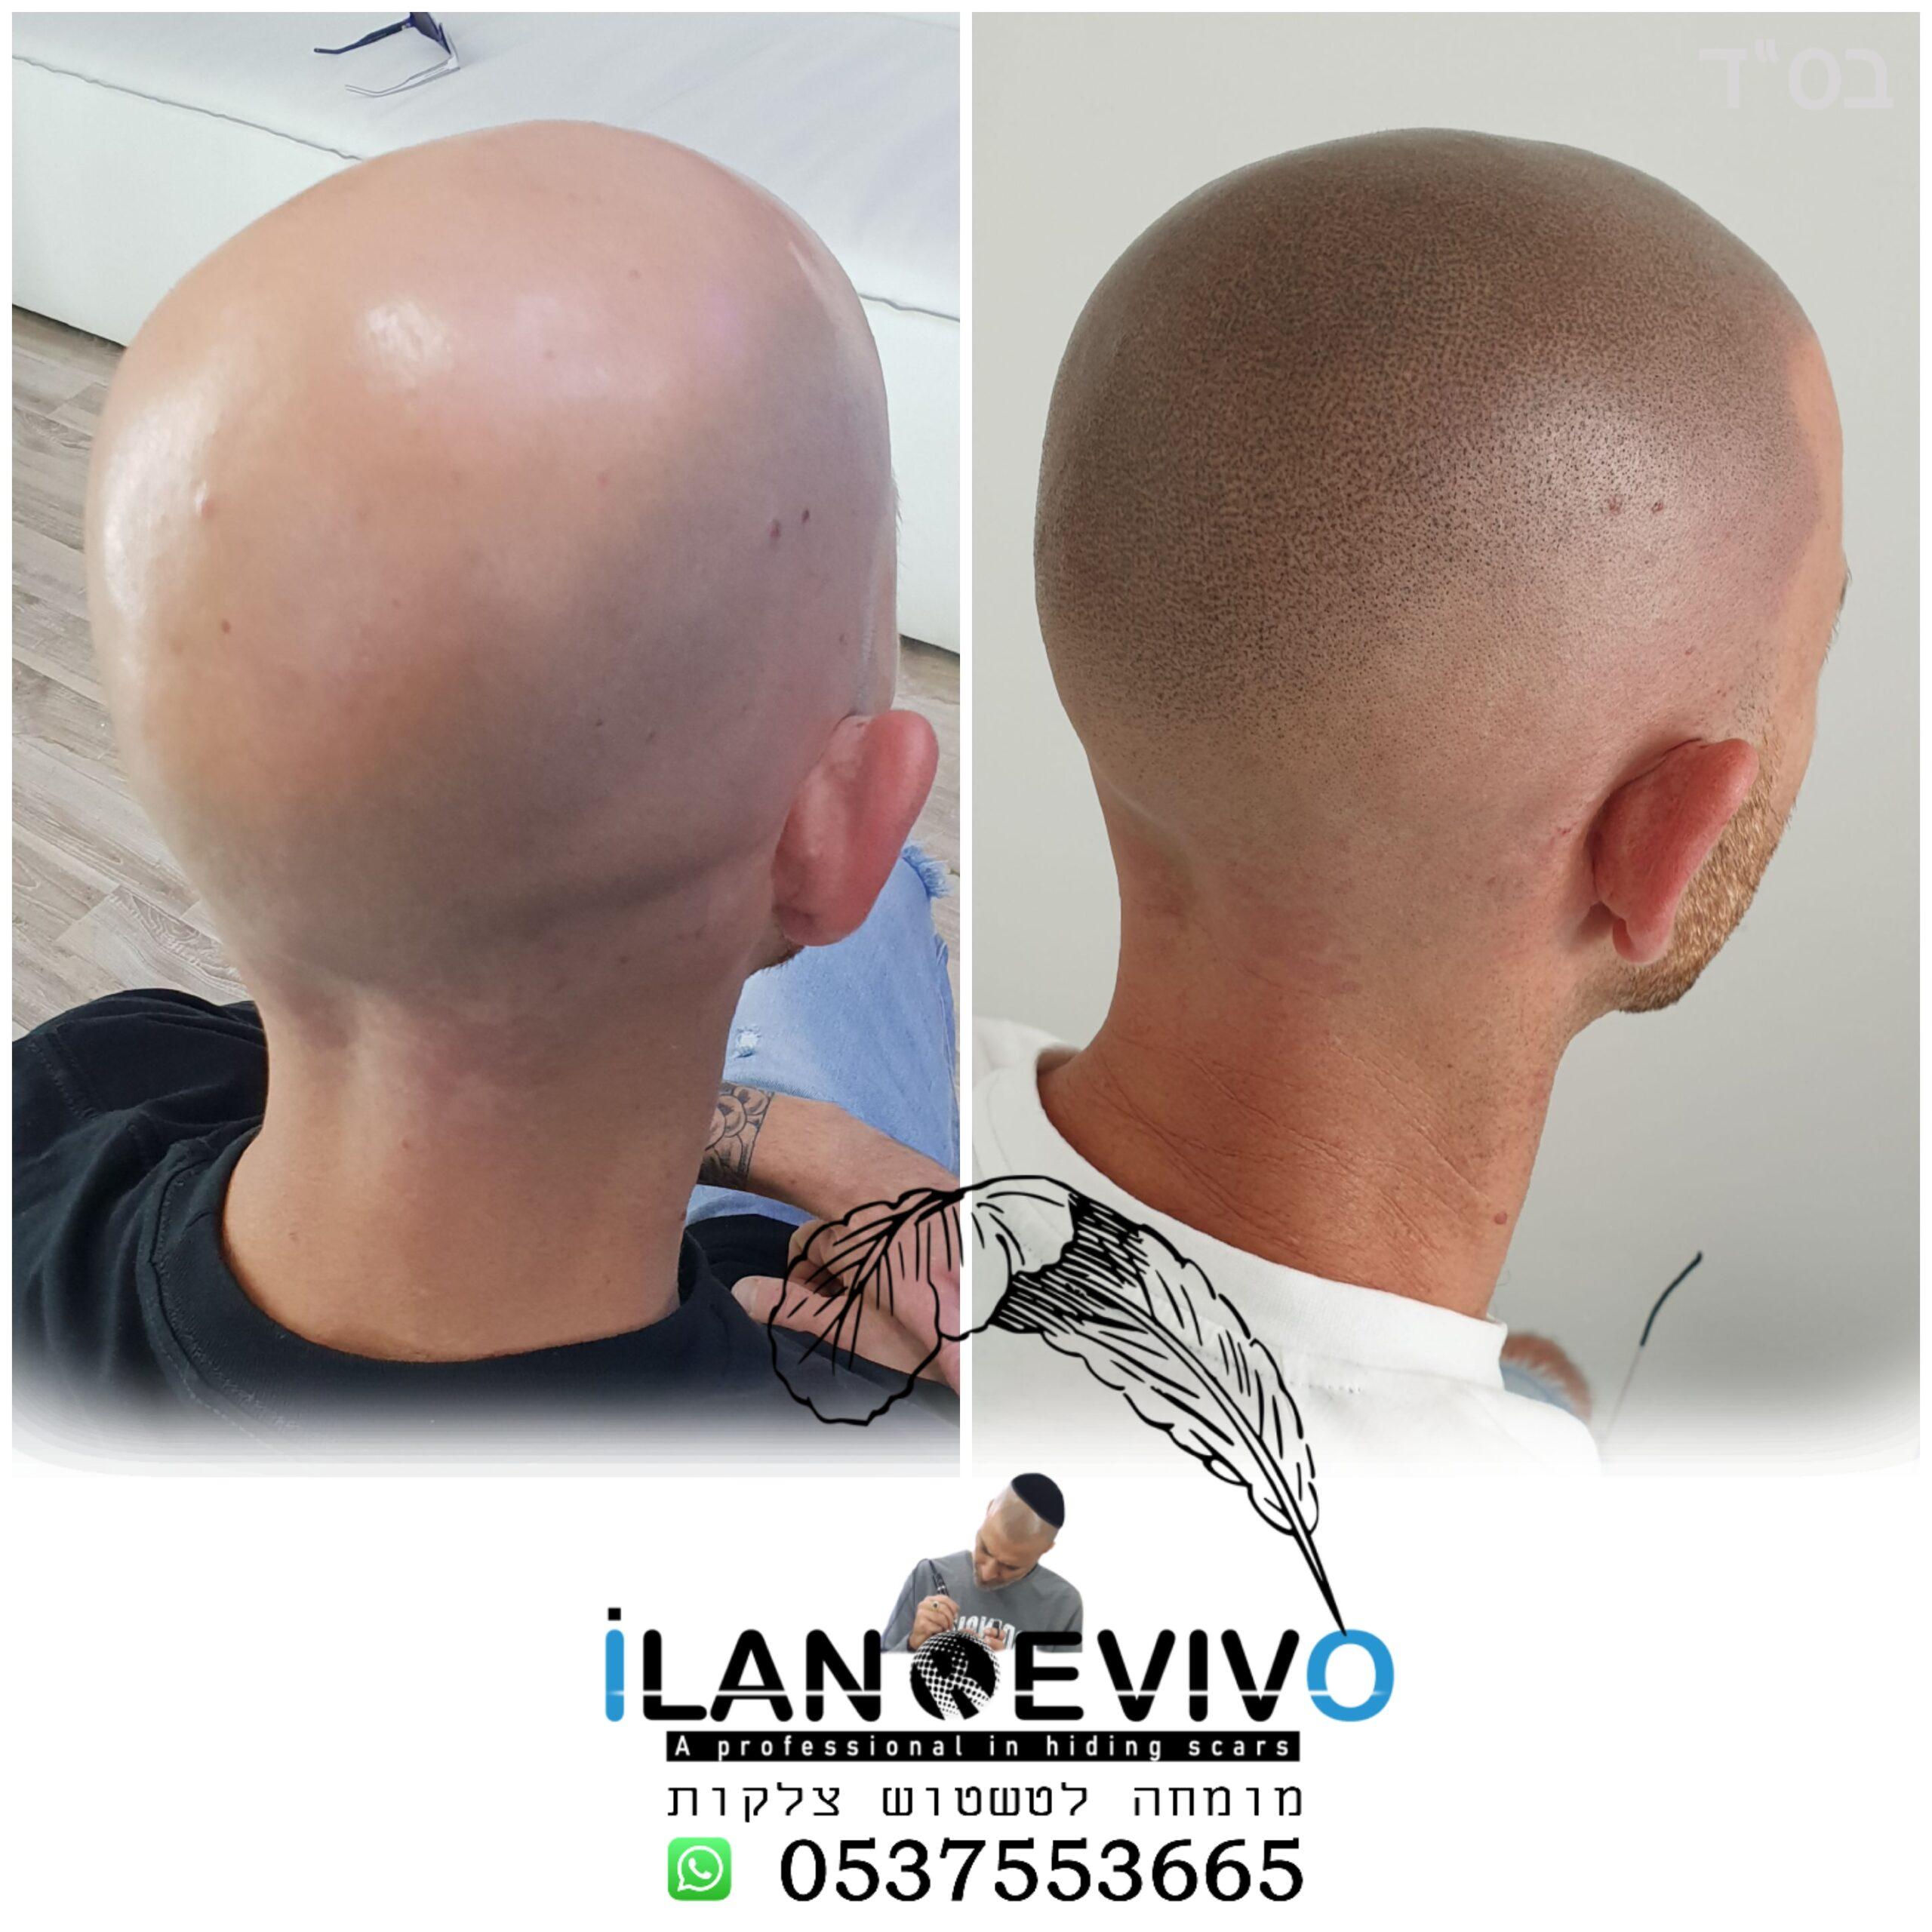 הדמיית שיער לגברים - מיקרופיגמנטציה לשיער